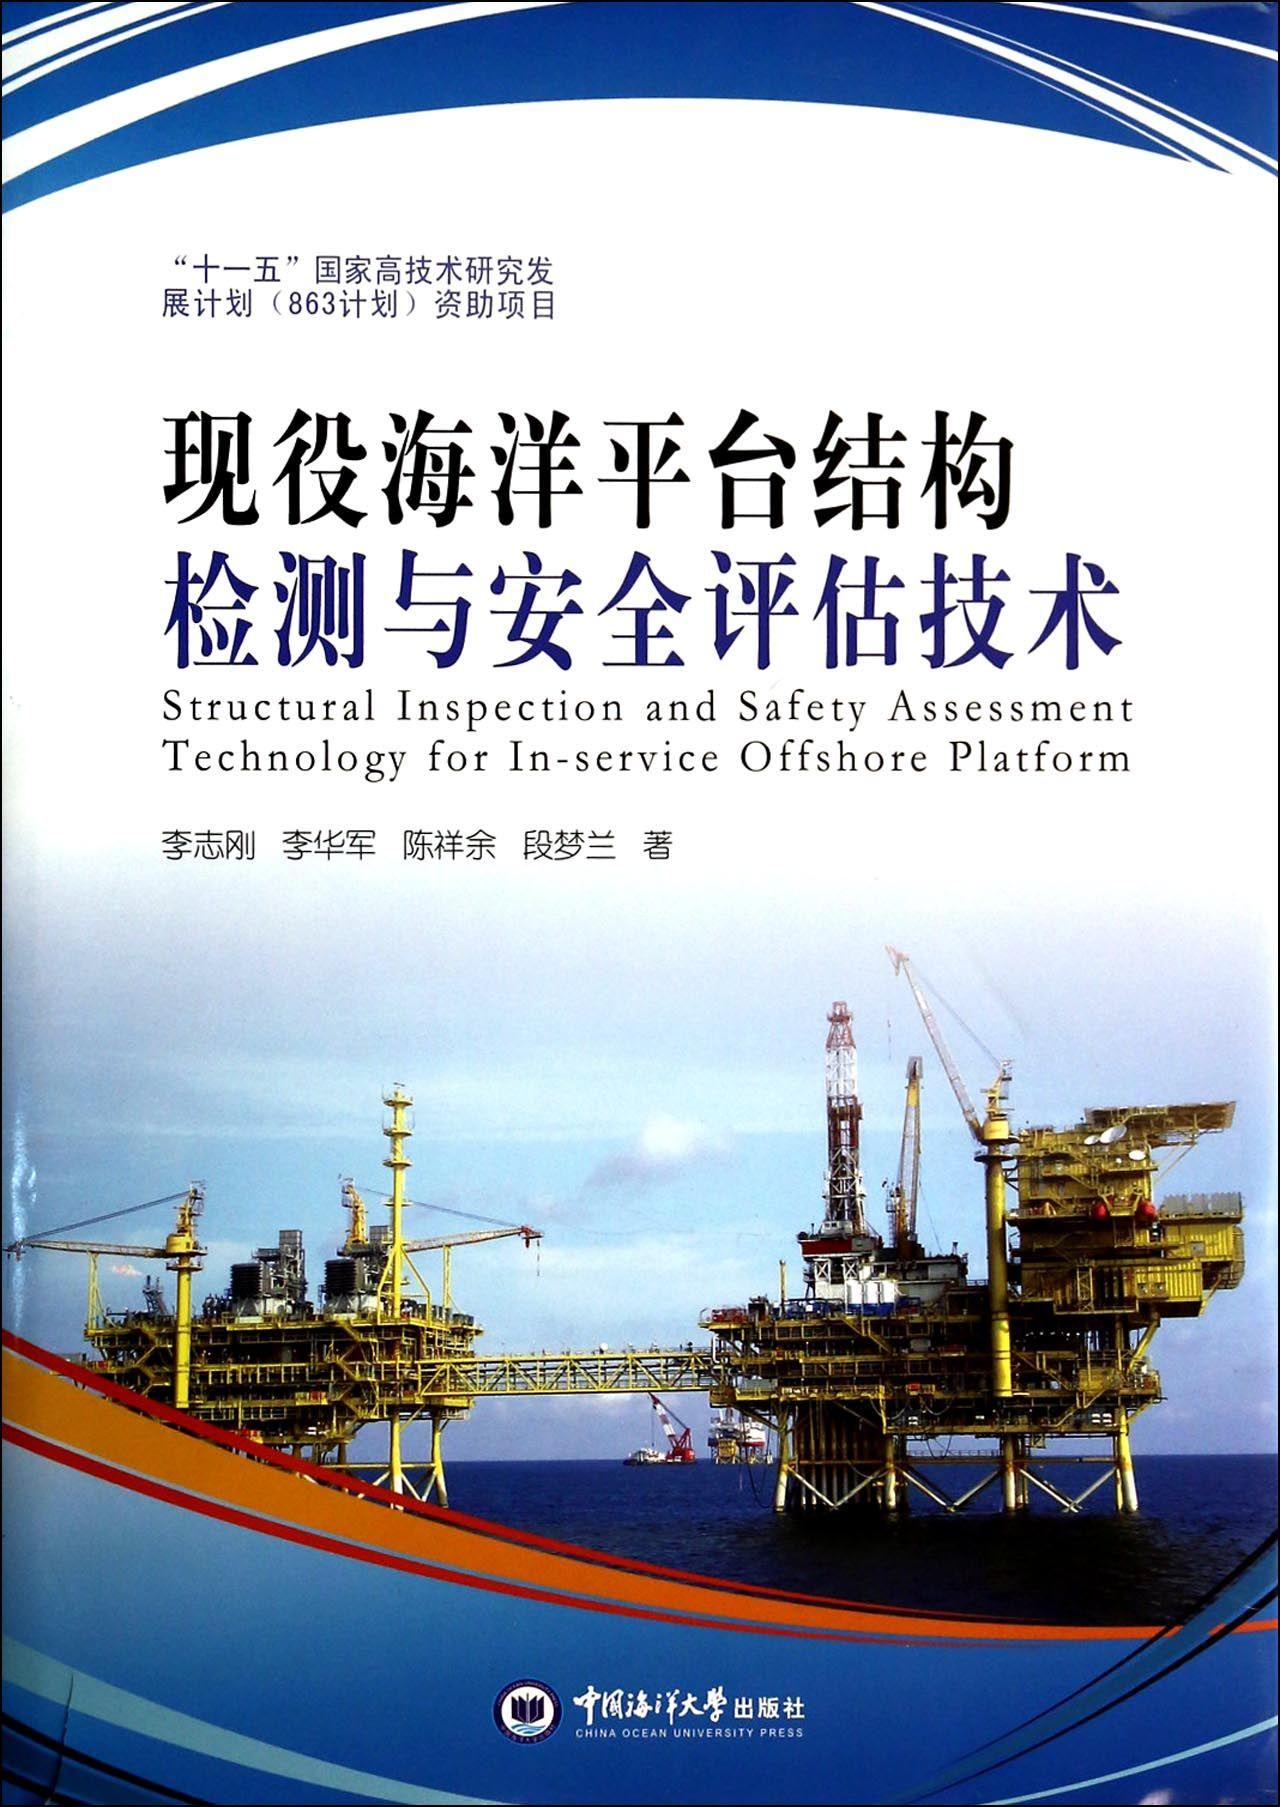 现役海洋平台结构检测与安全评估技术(精)